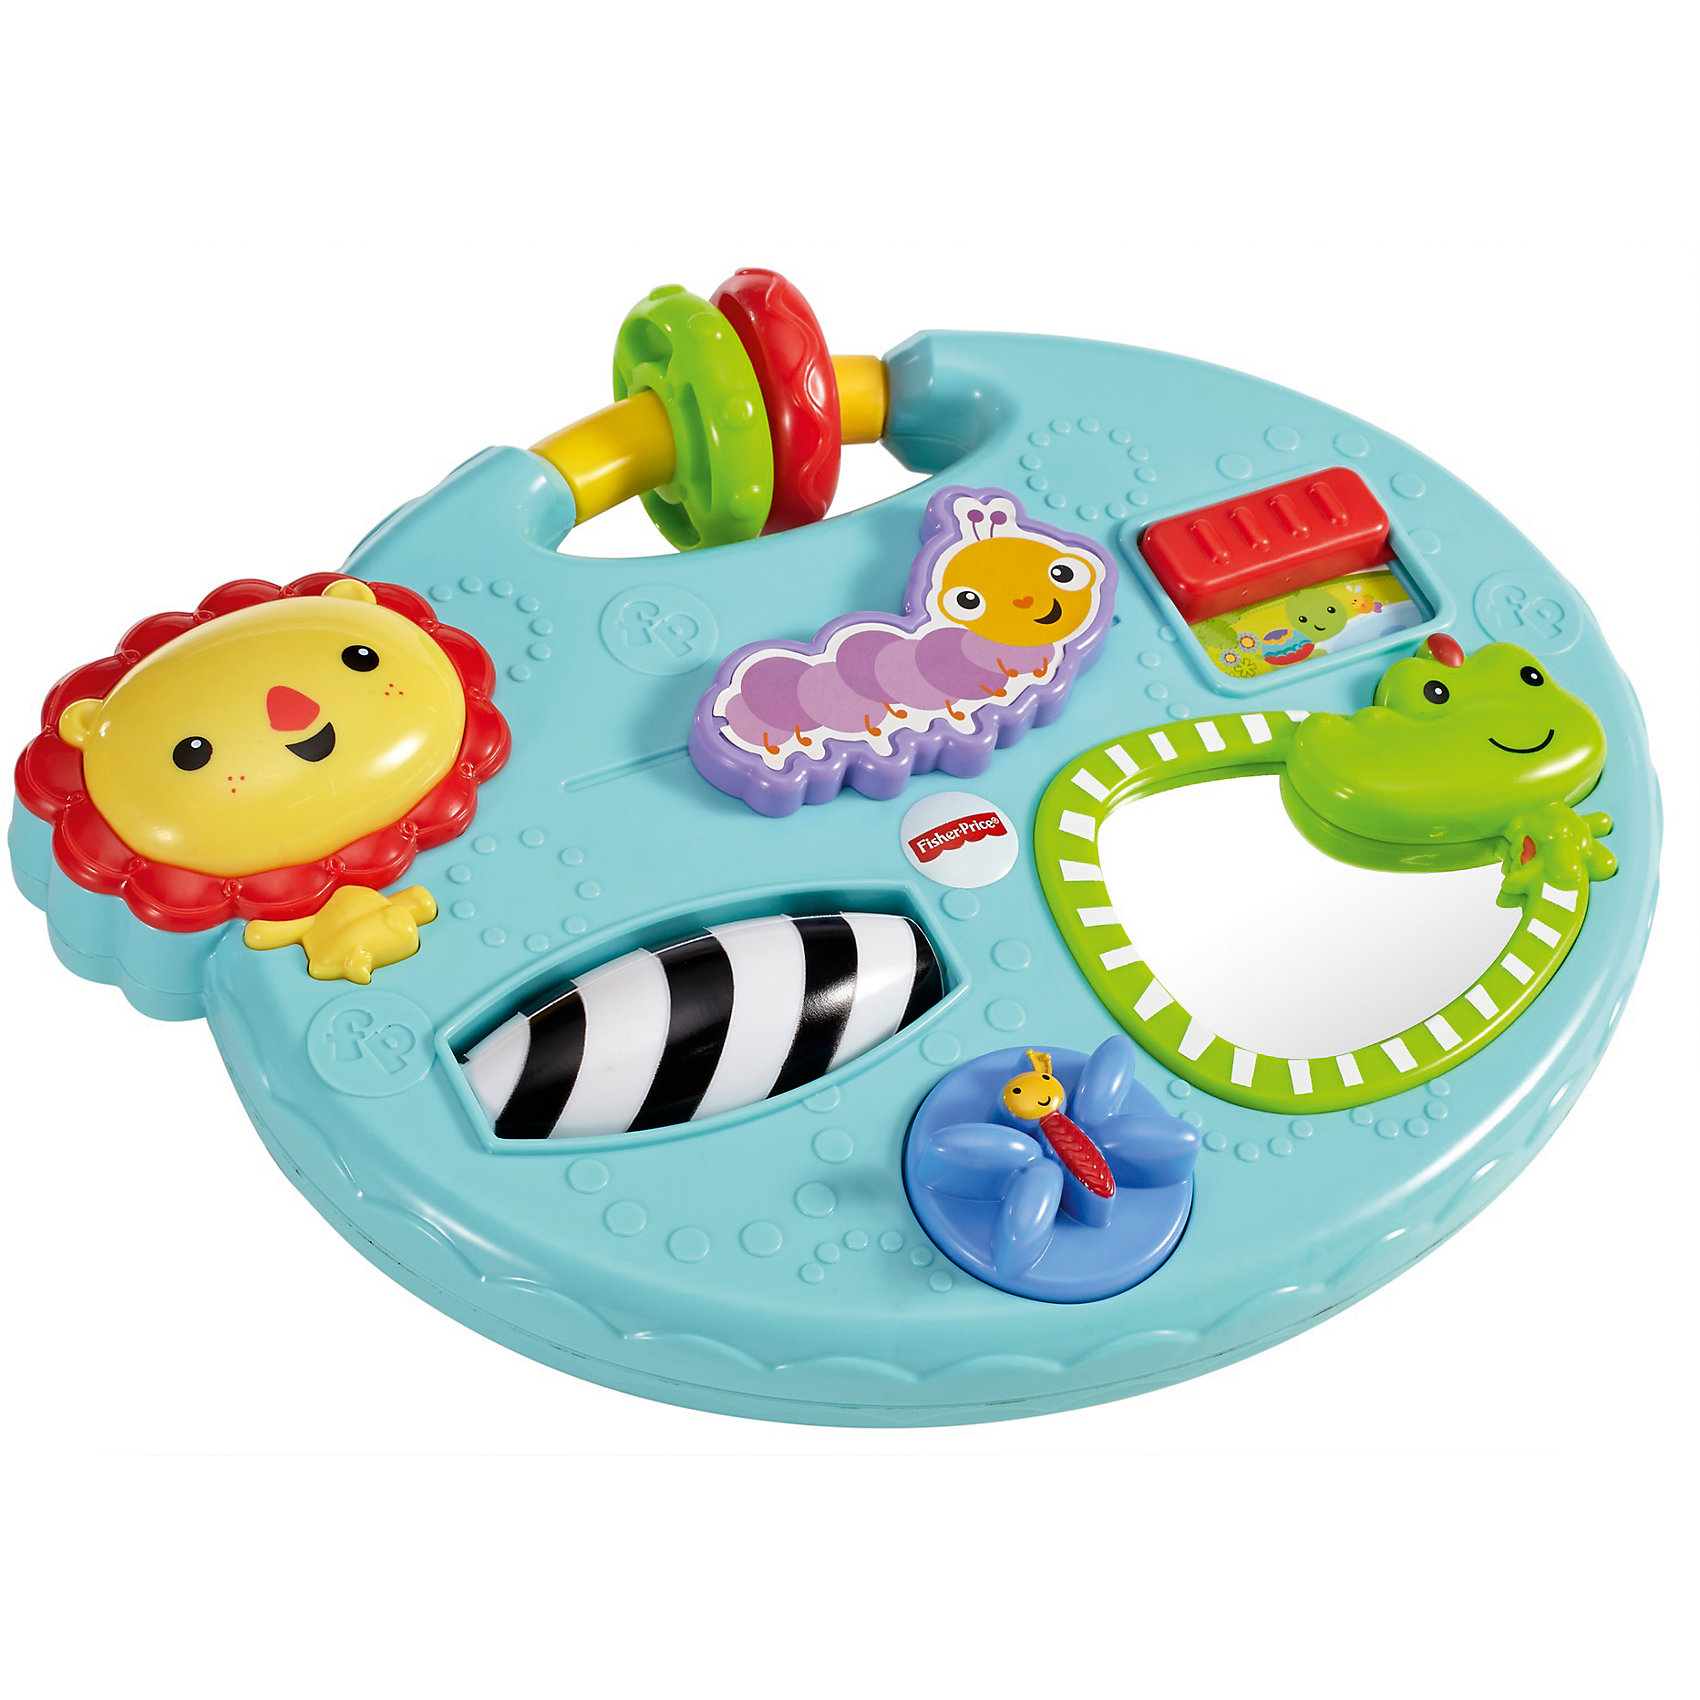 Игровой мини-центр Fisher Price Друзья из тропического лесаРазвивающие игрушки<br>Характеристики товара:<br><br>• возраст: от 6 месяцев;<br>• материал: пластик;<br>• размер игрушки: 28х24 см;<br>• размер упаковки: 28,5х24,5х5,5 см;<br>• вес упаковки: 500 гр.;<br>• страна производитель: Китай.<br><br>Игровой мини-центр «Друзья из тропического леса» Fisher Price — увлекательная развивающая игрушка для малышей, которая способствует развитию мелкой моторики рук, логического мышления, тактильных ощущений. На игровой панели расположены зеркало, вращающийся валик, бусины. С ее помощью ребенок выучит формы, цвета и названия животных. Игрушка изготовлена из качественного безвредного пластика.<br><br>Игровой мини-центр «Друзья из тропического леса» Fisher Price можно приобрести в нашем интернет-магазине.<br><br>Ширина мм: 285<br>Глубина мм: 55<br>Высота мм: 245<br>Вес г: 549<br>Возраст от месяцев: 6<br>Возраст до месяцев: 2147483647<br>Пол: Унисекс<br>Возраст: Детский<br>SKU: 5378291